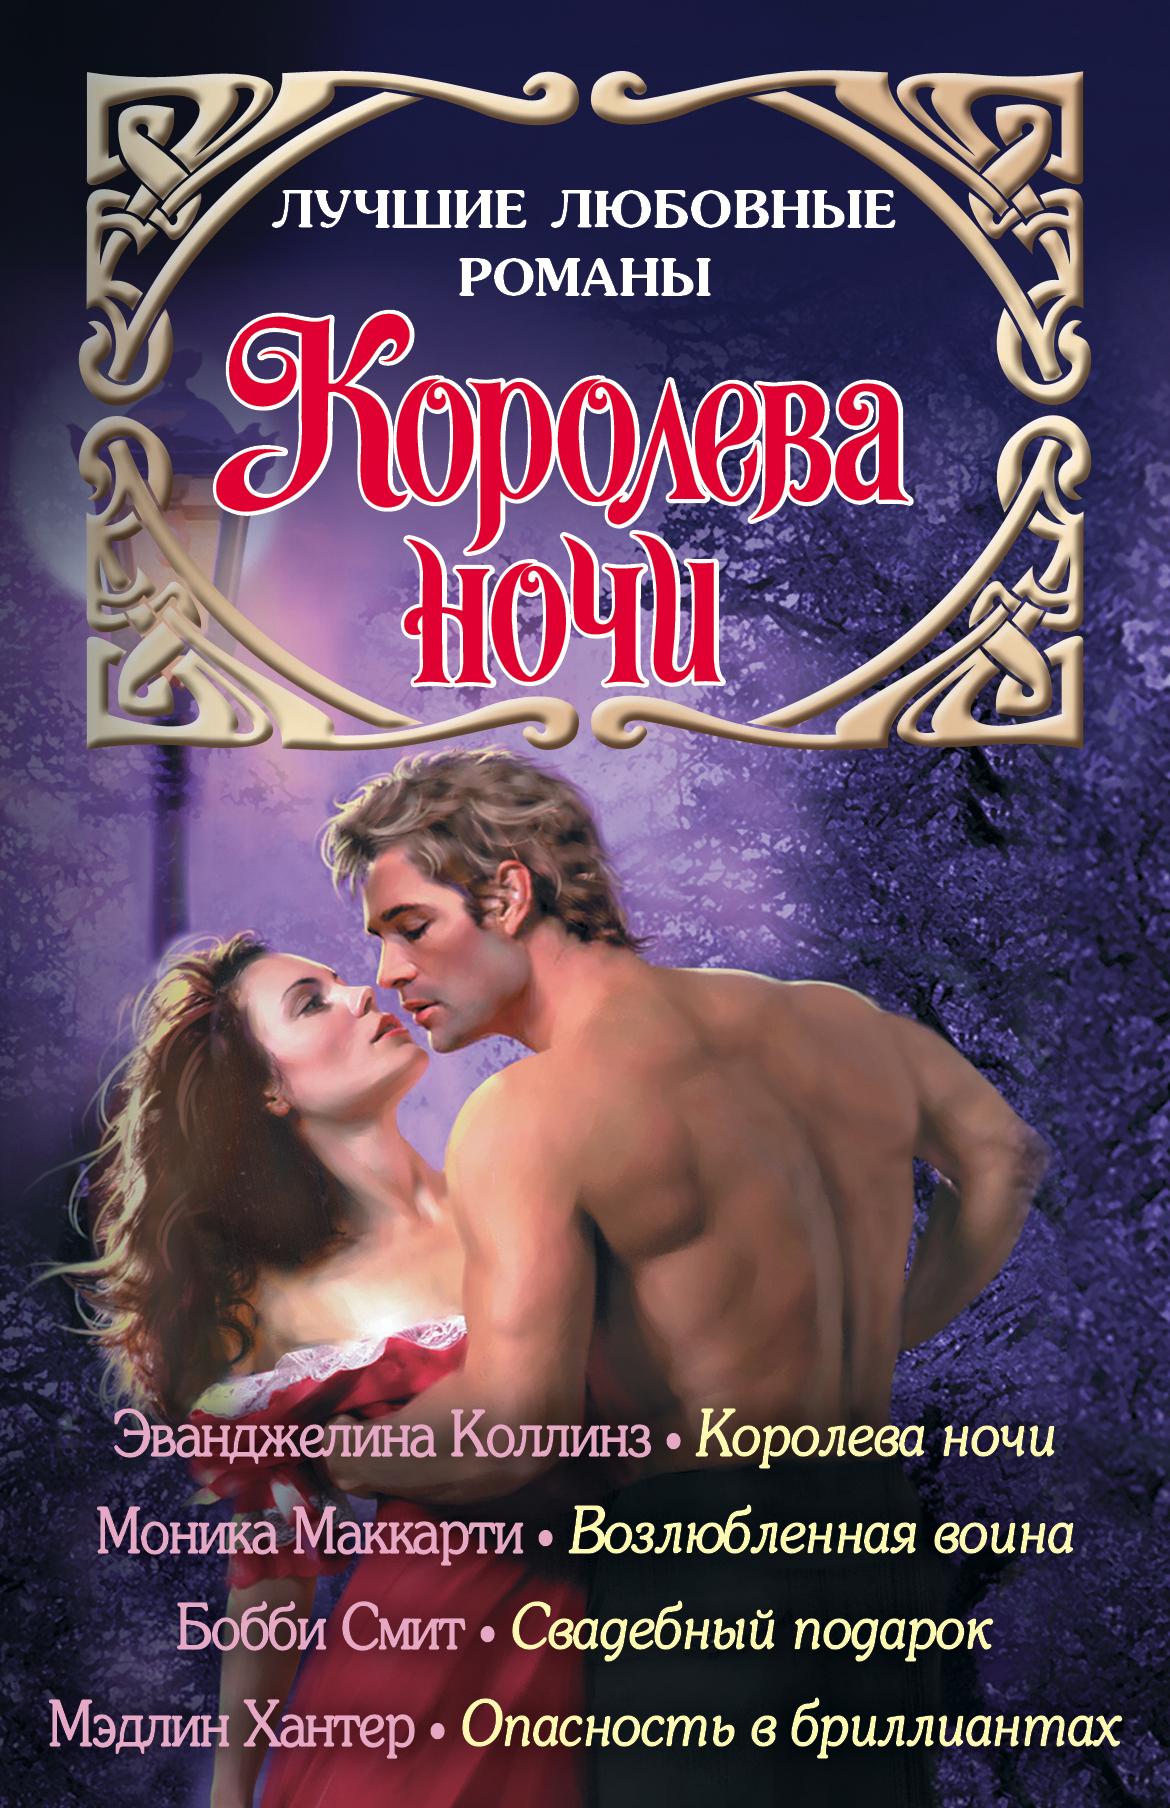 Где в интернете читать любовные романы?